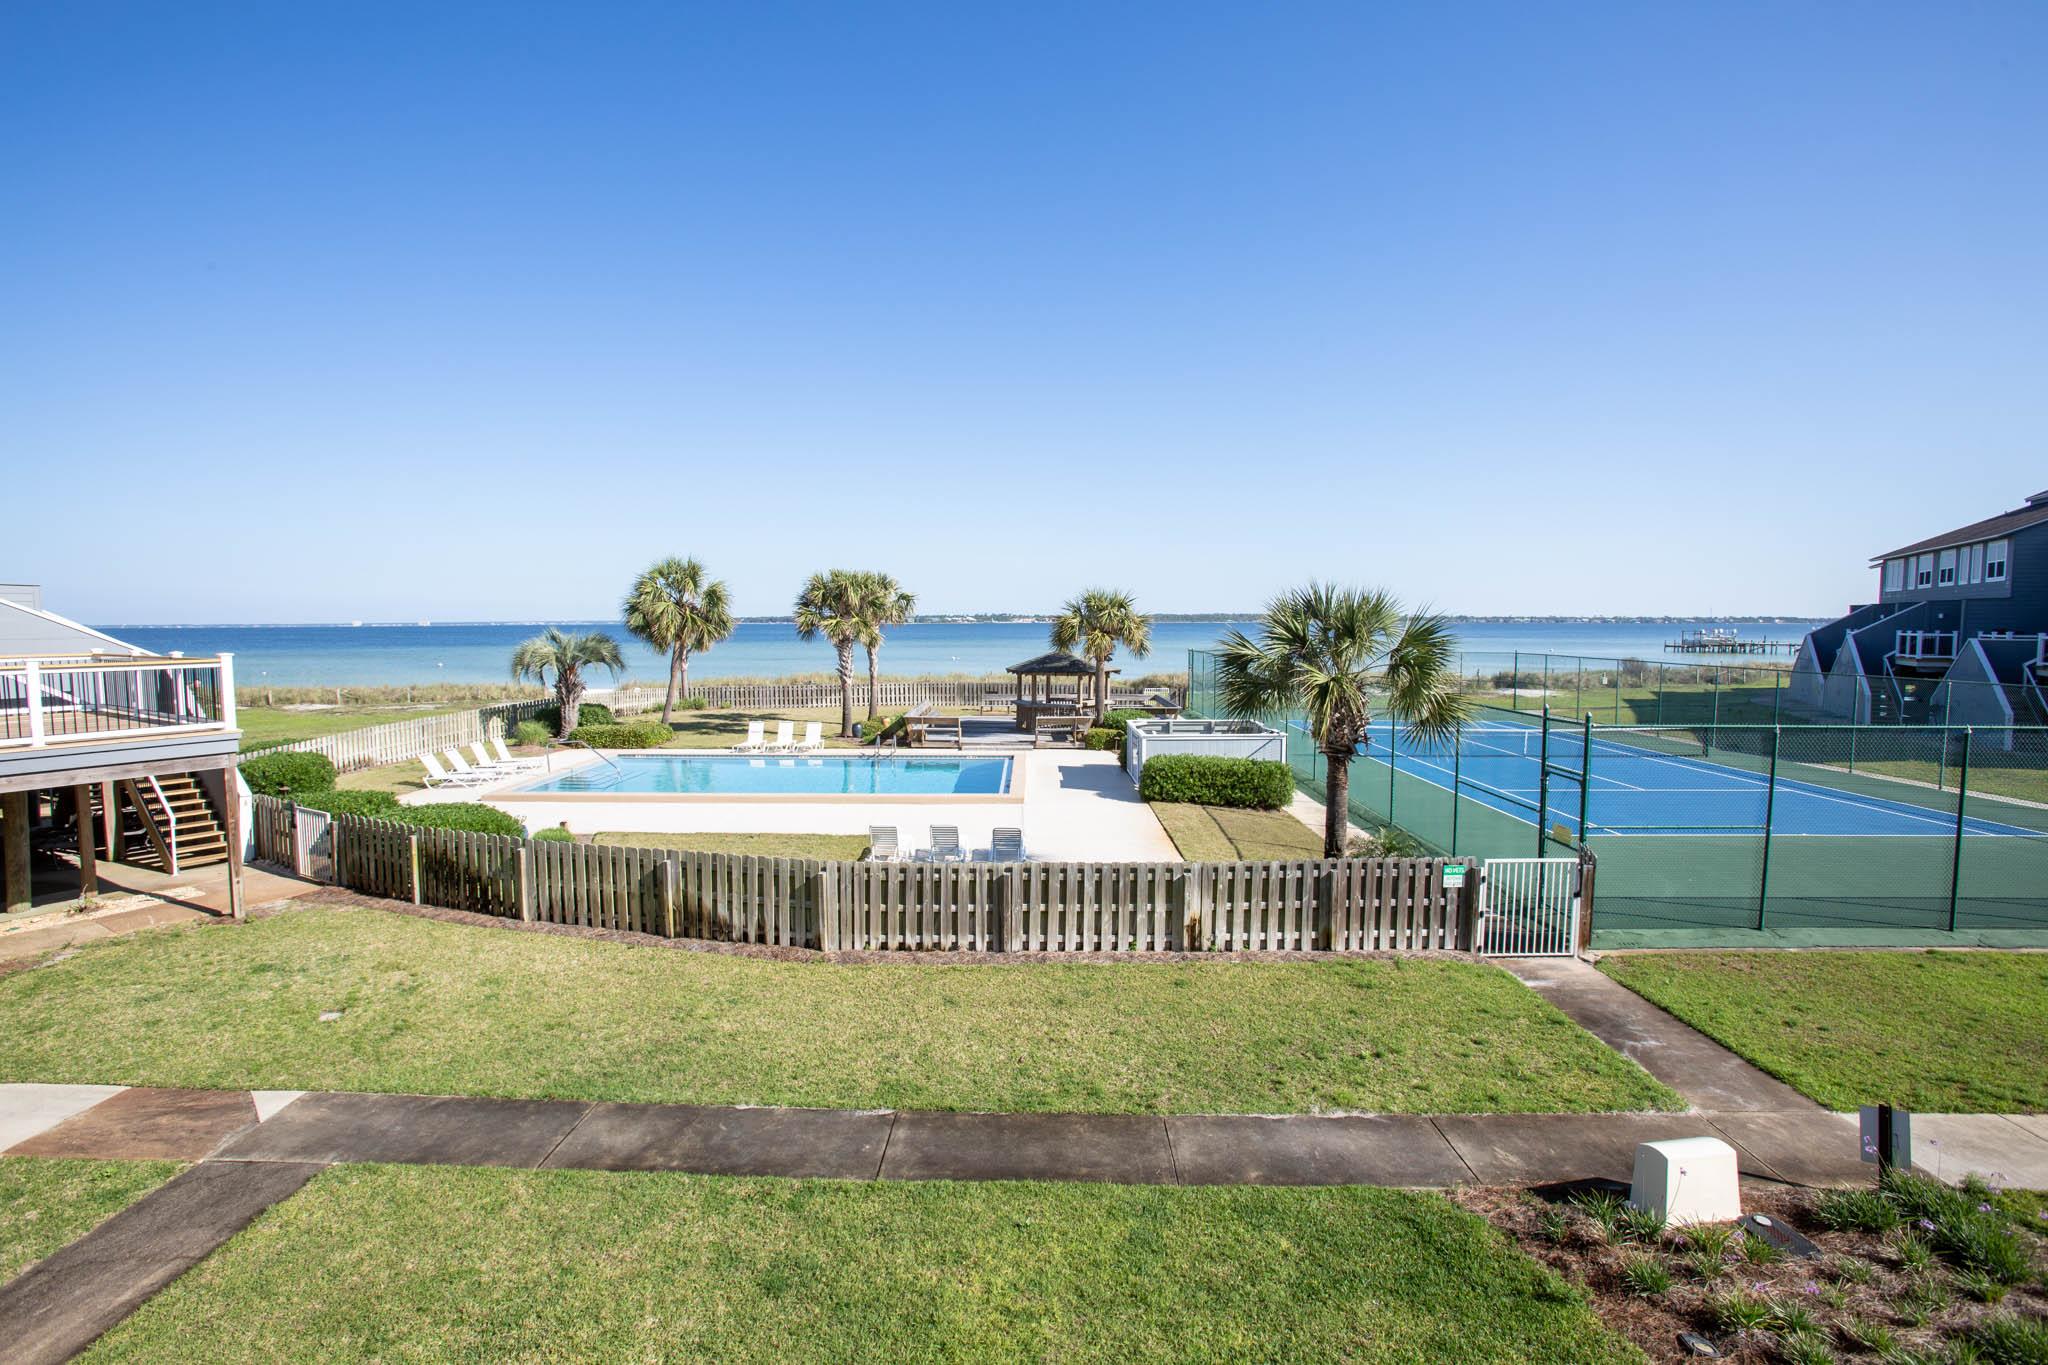 San De Luna #12 Townhouse rental in San DeLuna Pensacola Beach in Pensacola Beach Florida - #24